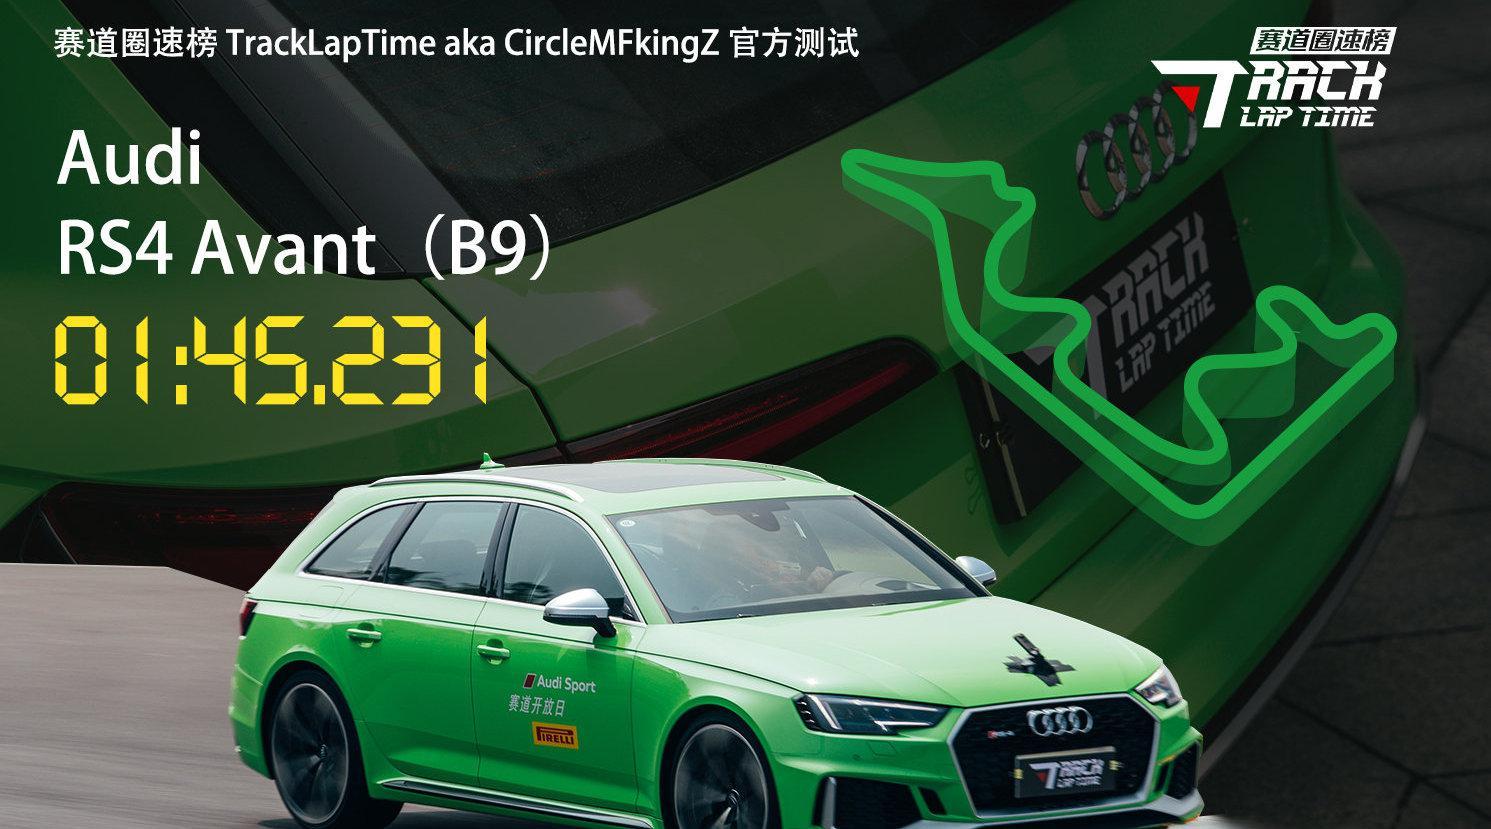 奥迪RS4 Avant浙赛车载:圈速1分45.231秒,配倍耐力P0轮胎……